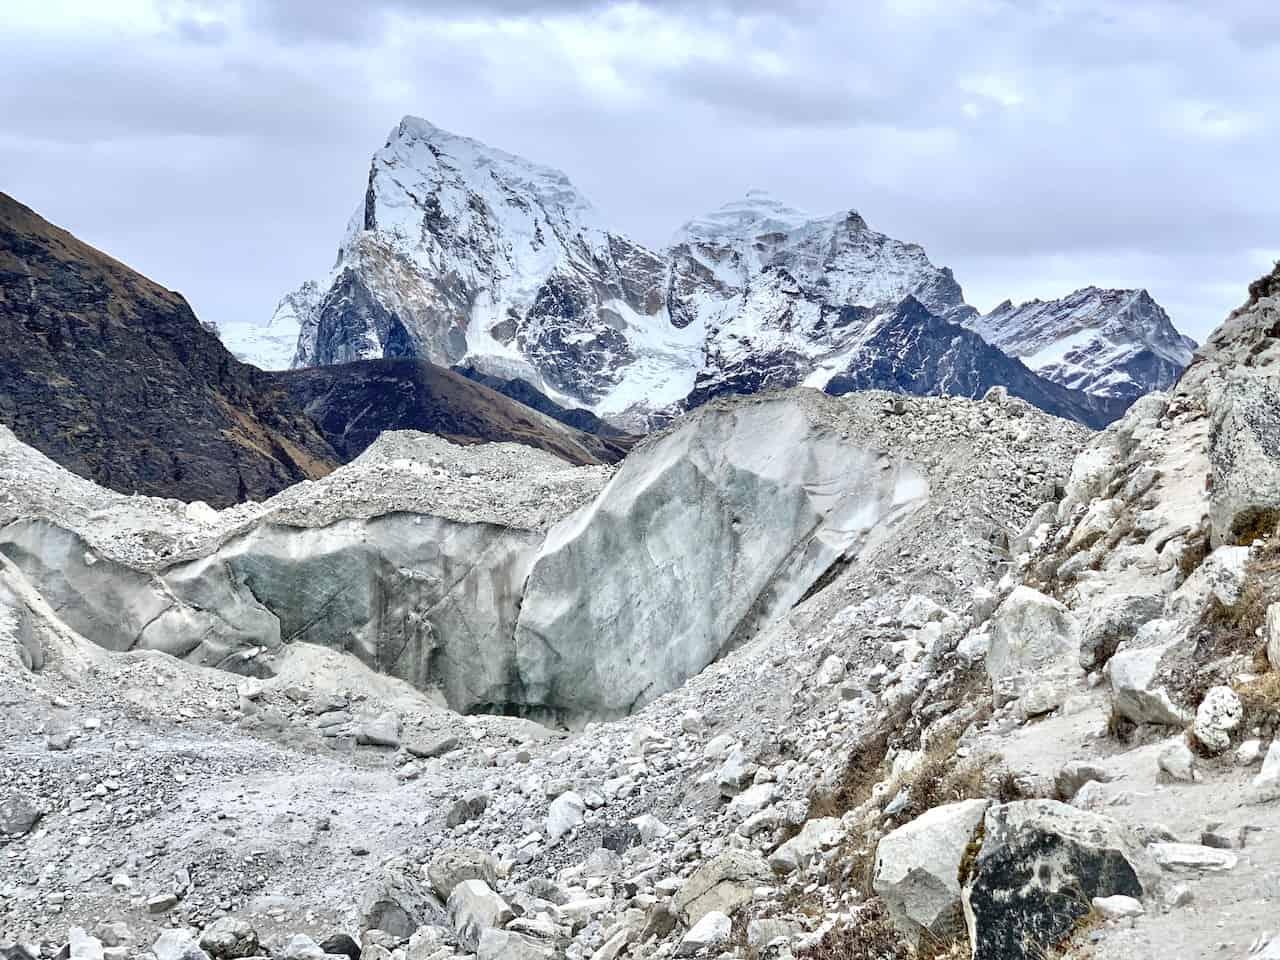 Ngozumpa Glacier Ice